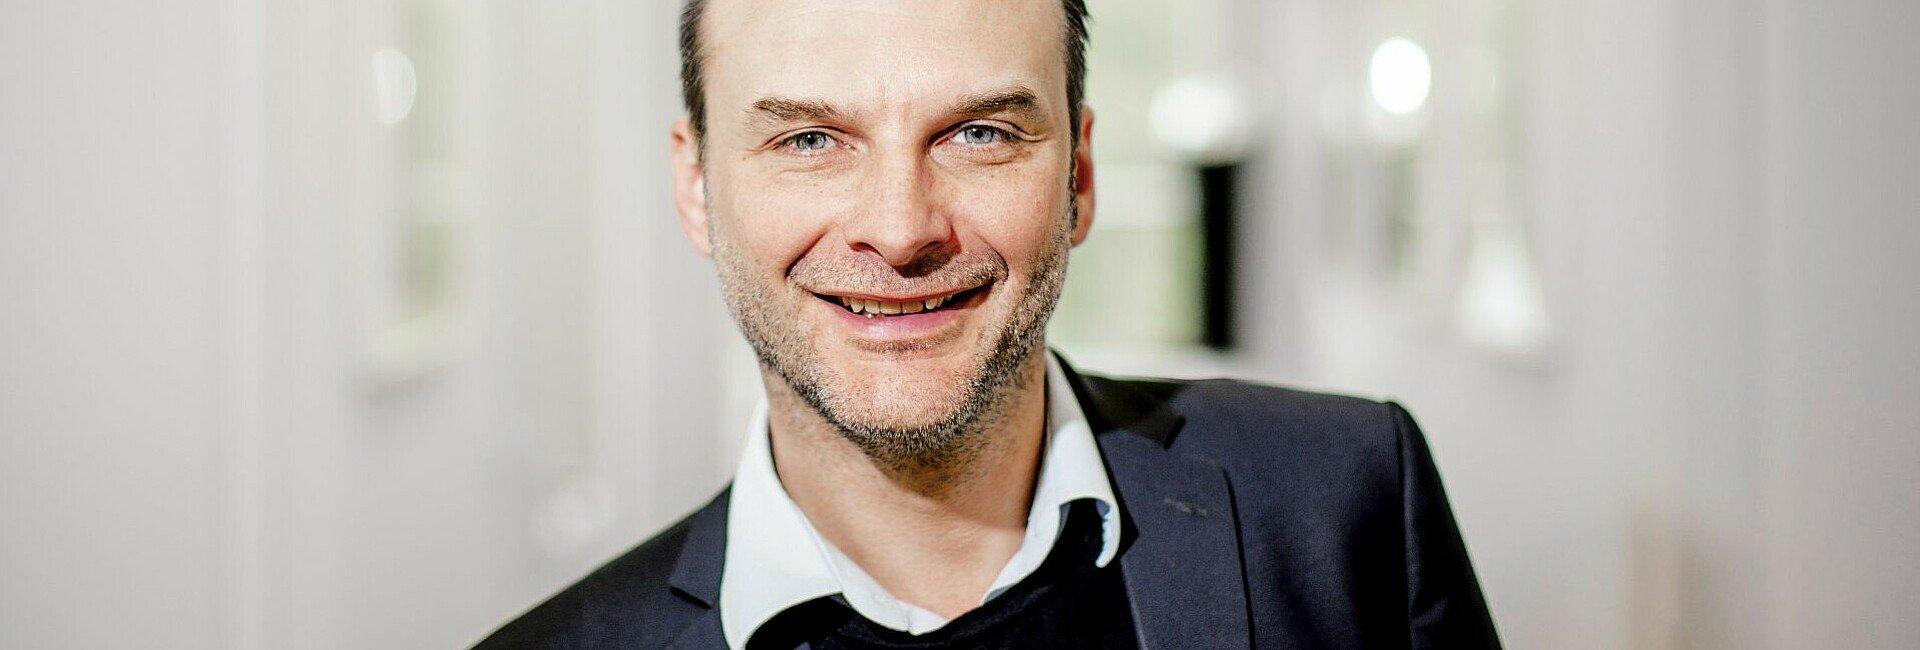 Holger Kirsch erzählt von seinem Leben in Köln